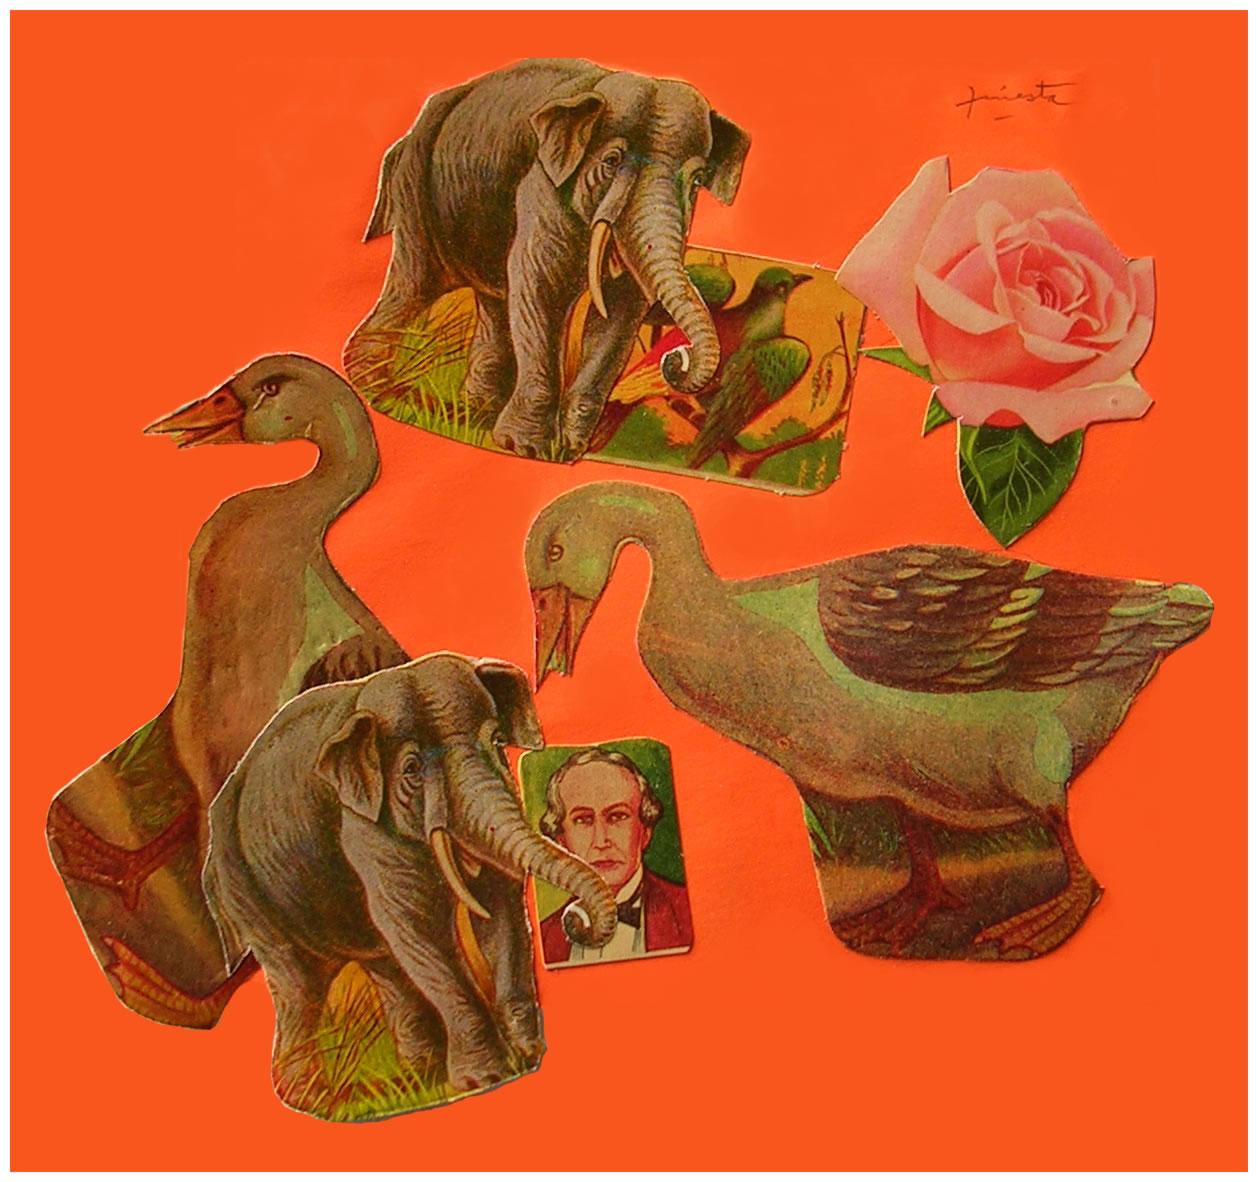 Patos y elefantes,  papel collage, 15 cm x 15 cm, 1999